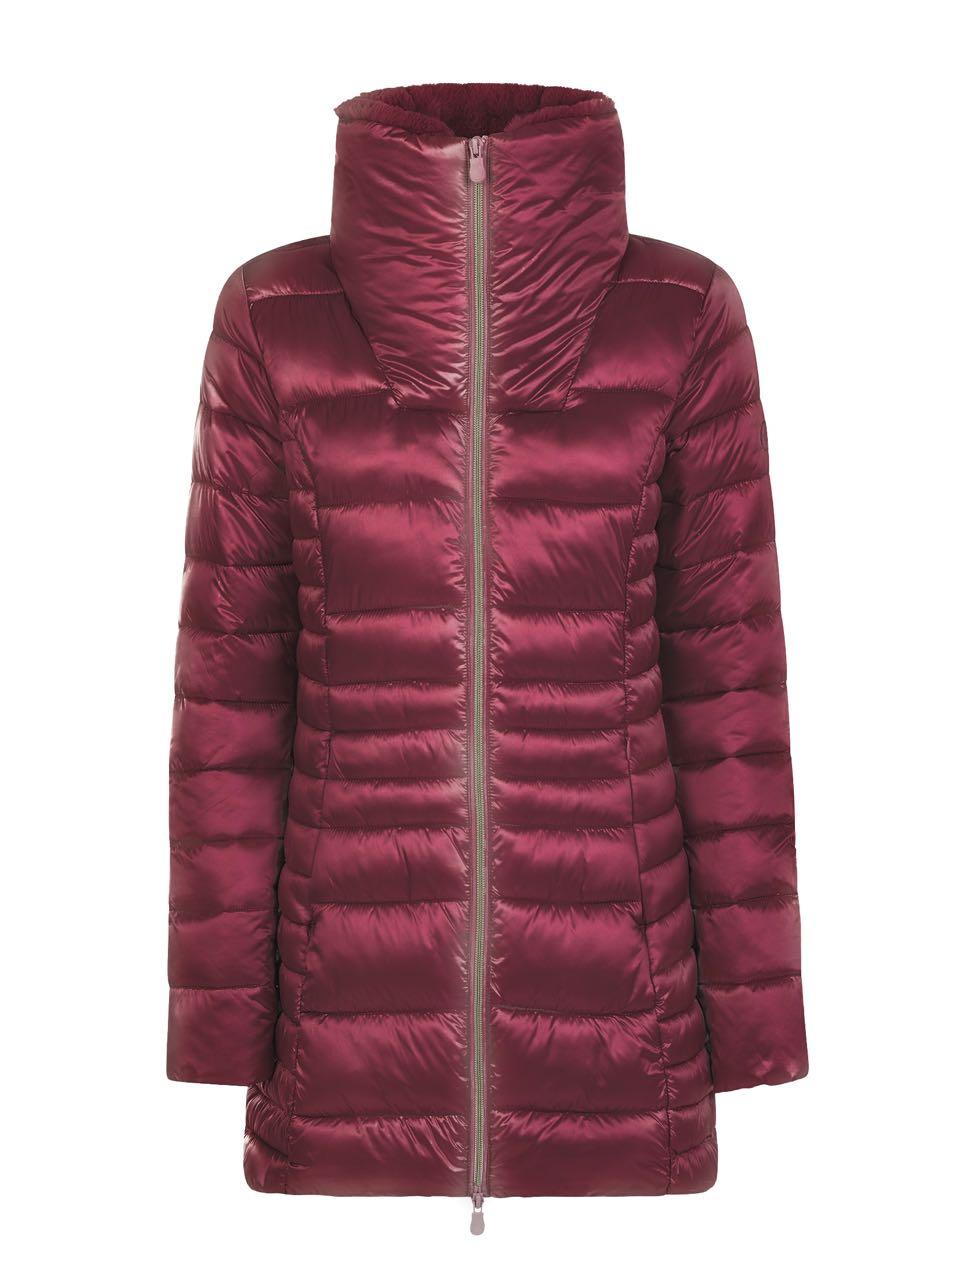 buy online 3d0ee 11f69 Save The Duck Coat